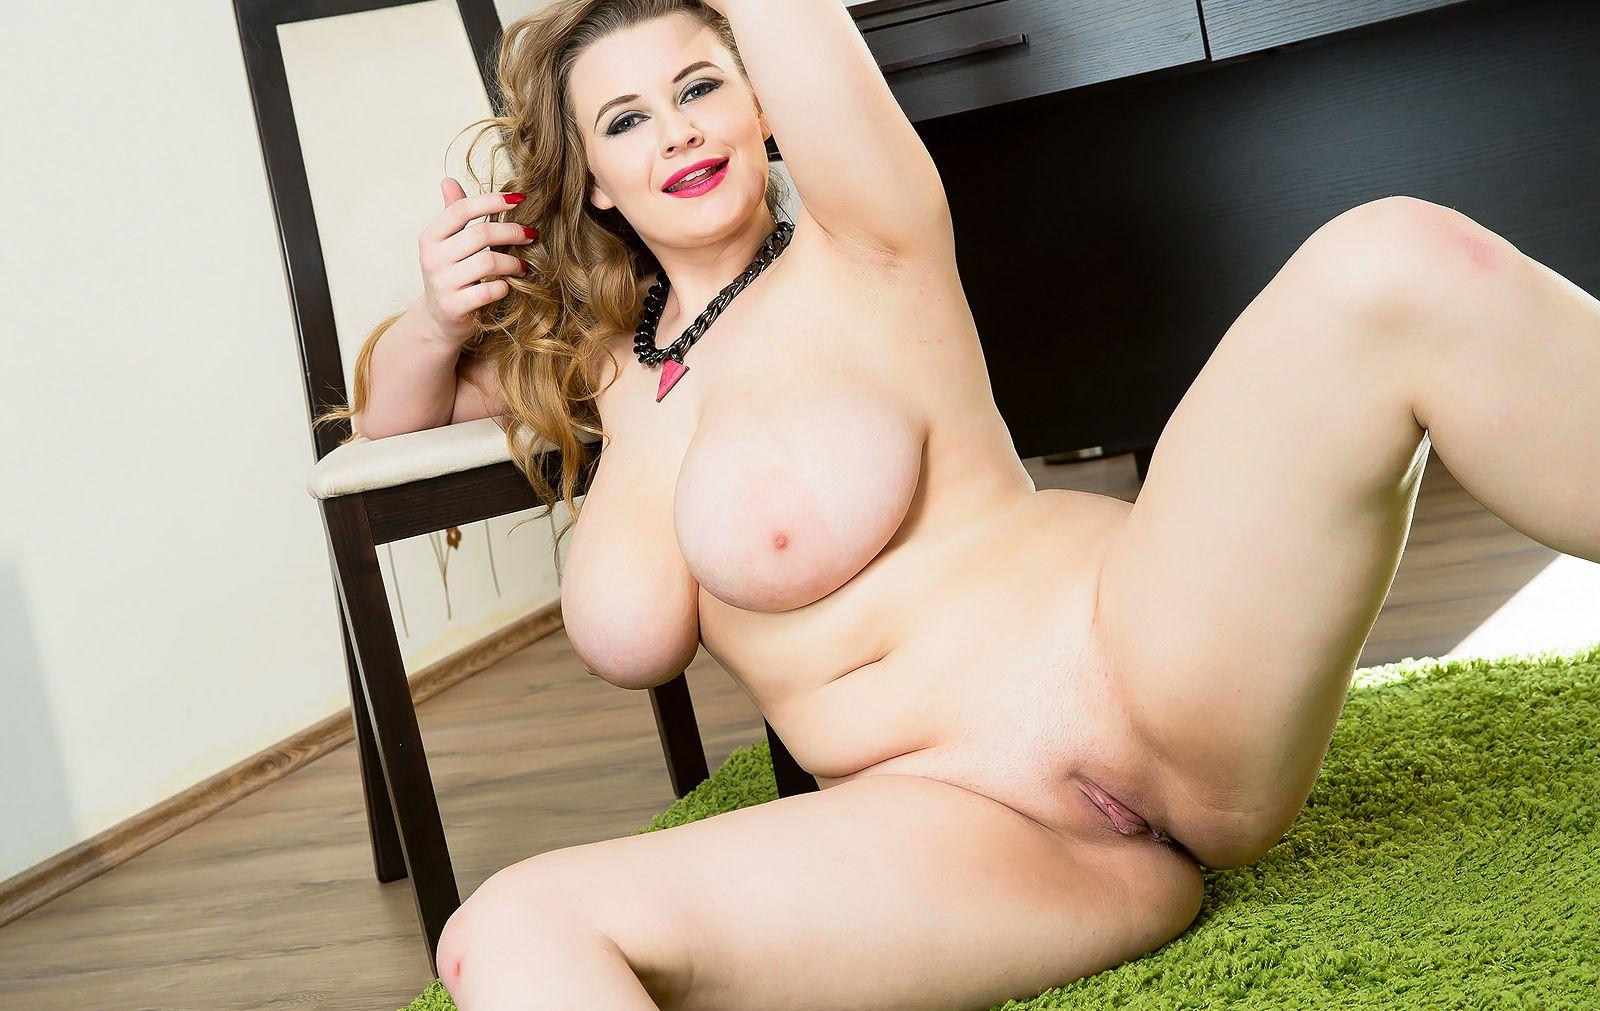 Xxx Happy days porn parody fonzie takes marion free porn